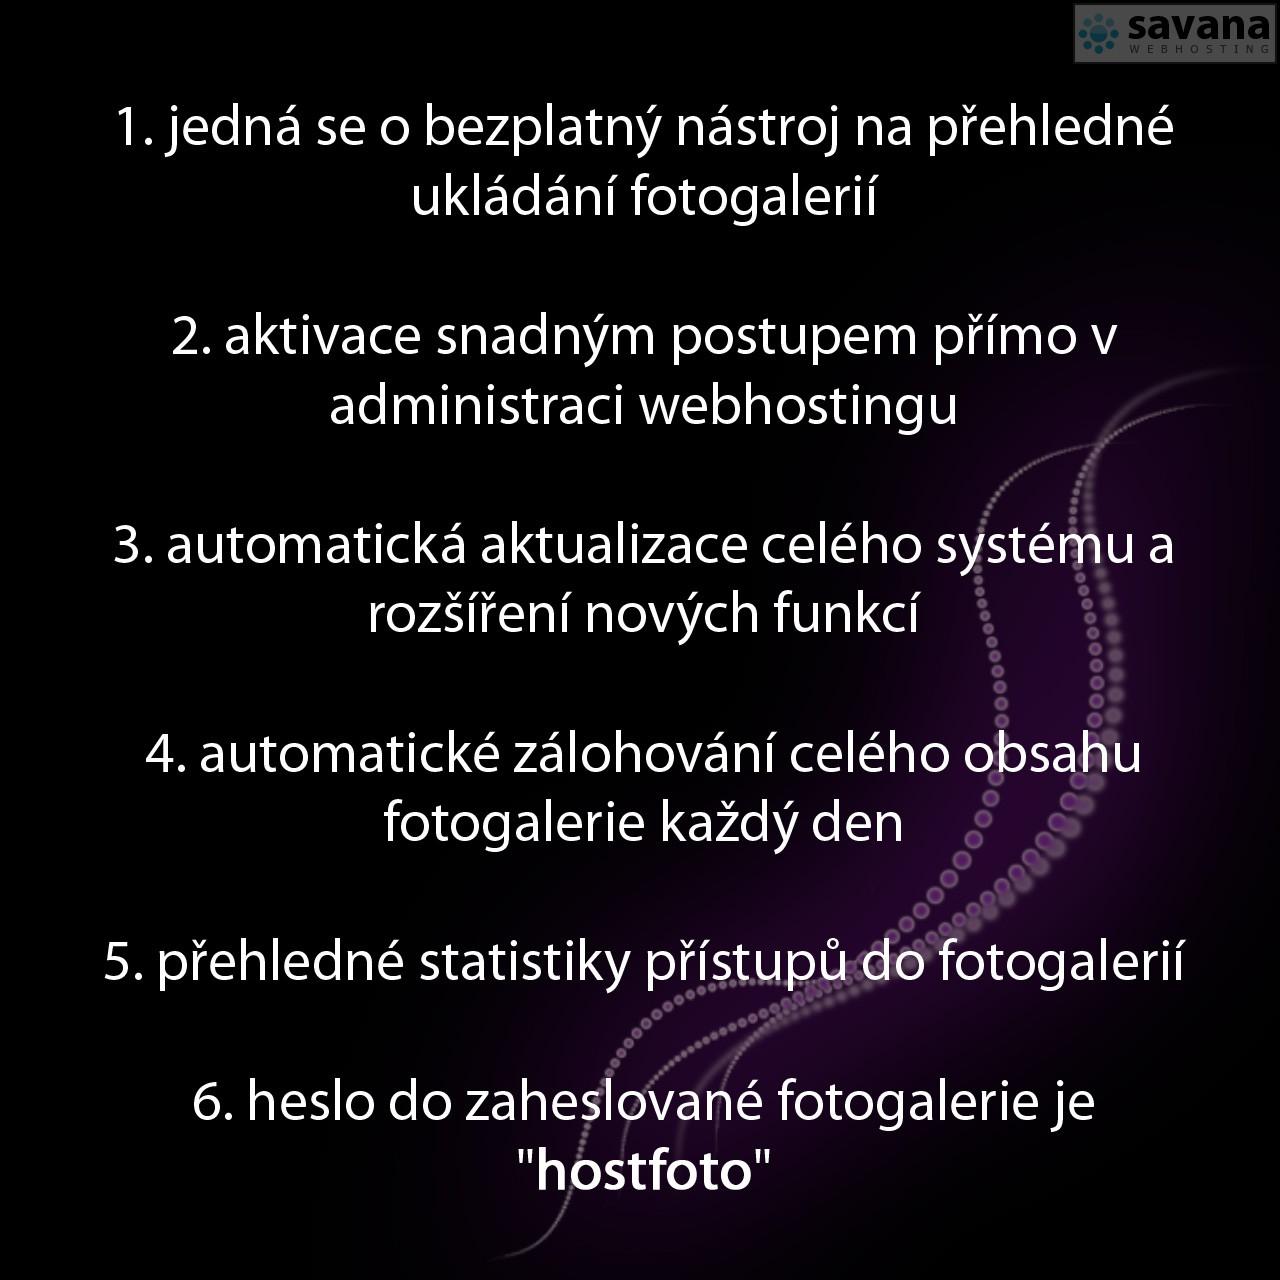 Představení fotoalba Hostfoto.cz